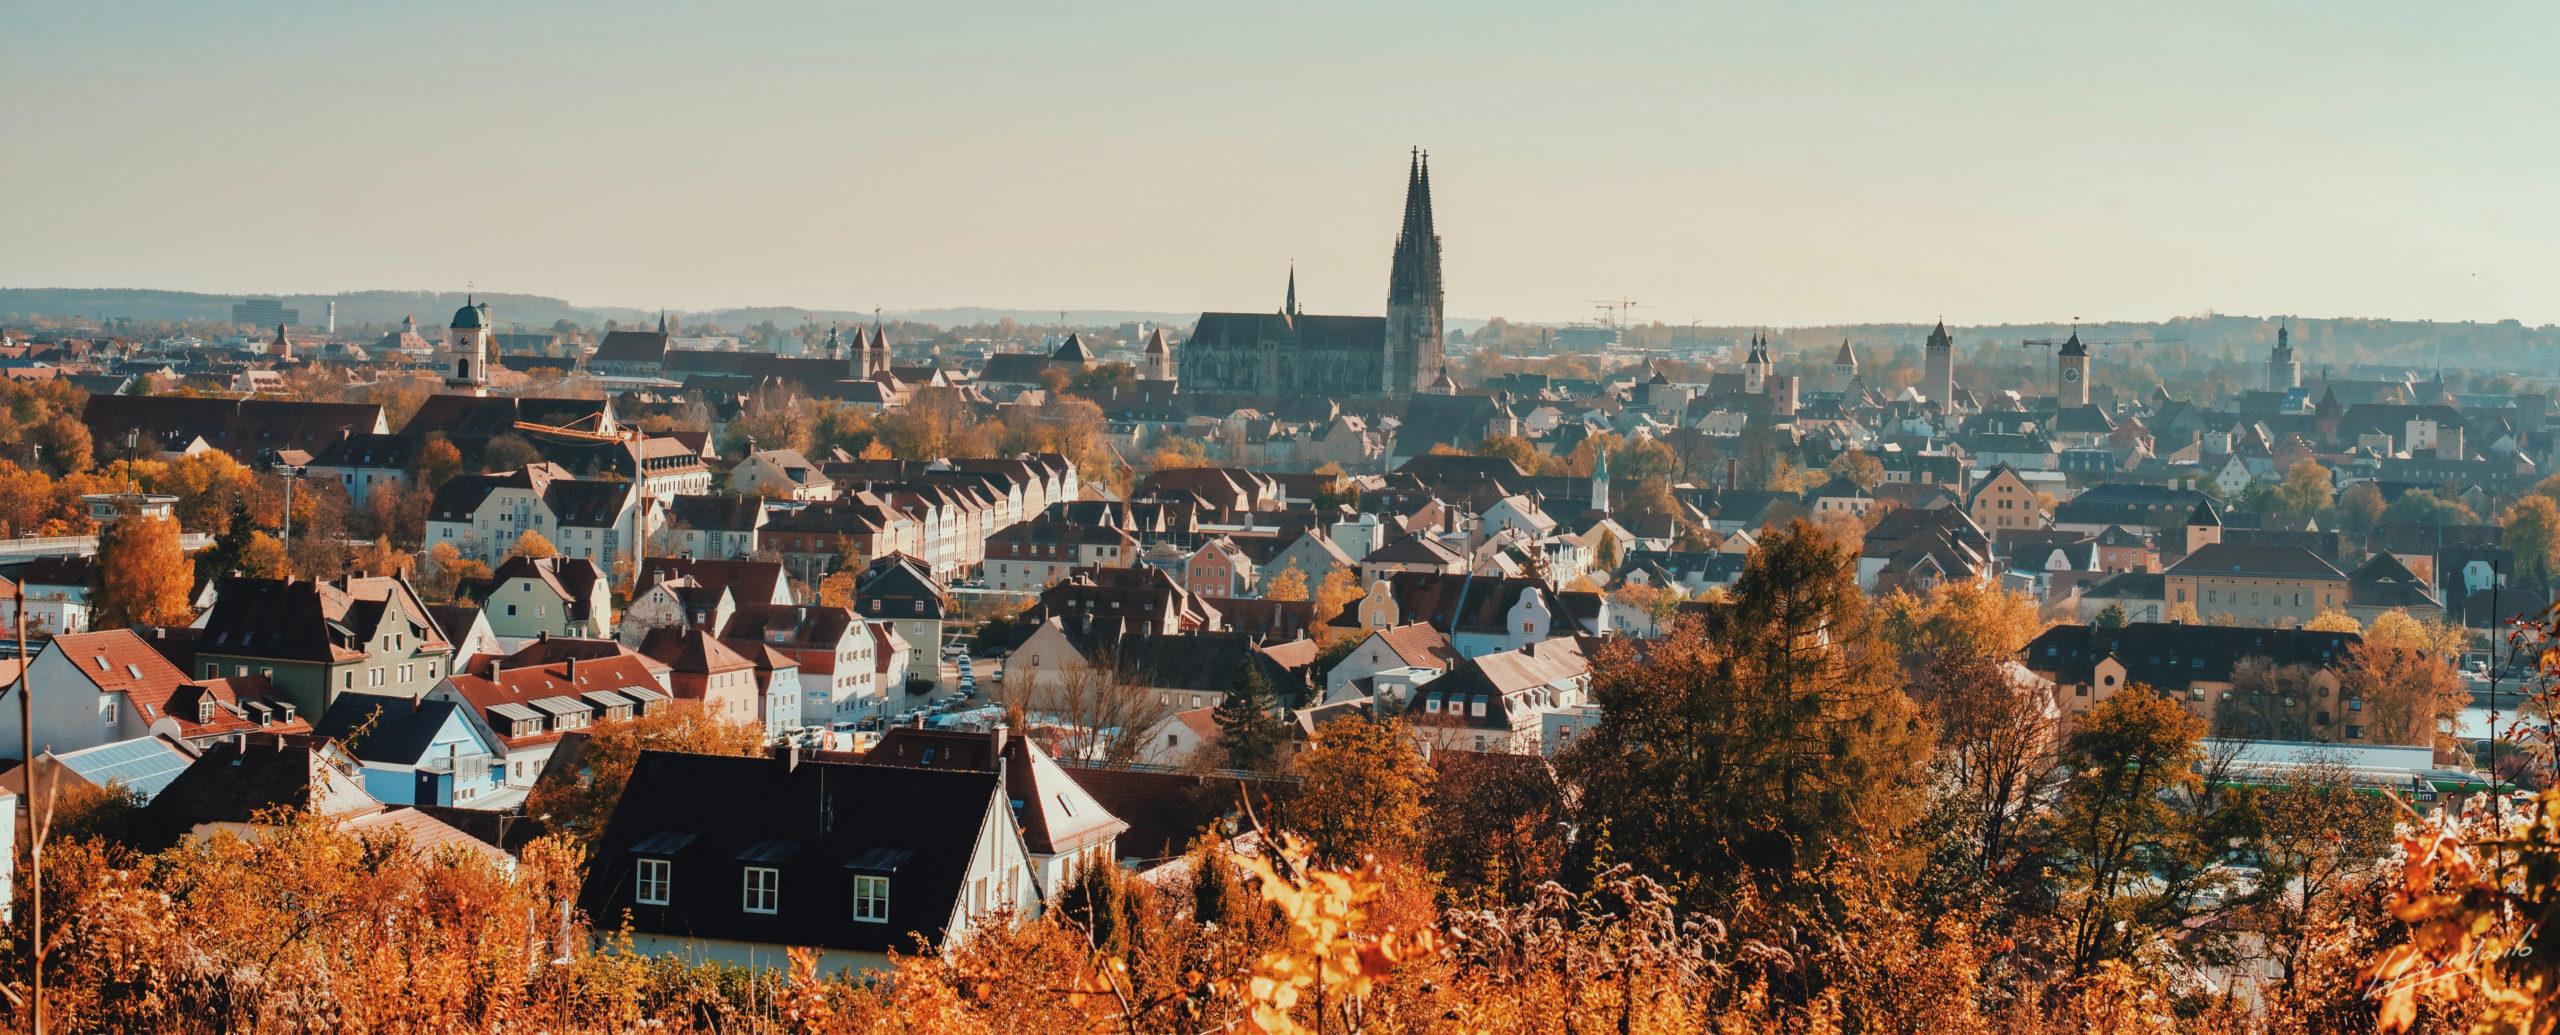 Stellenangebote Regensburg Büro : stellenangebote regensburg wlw ~ Watch28wear.com Haus und Dekorationen